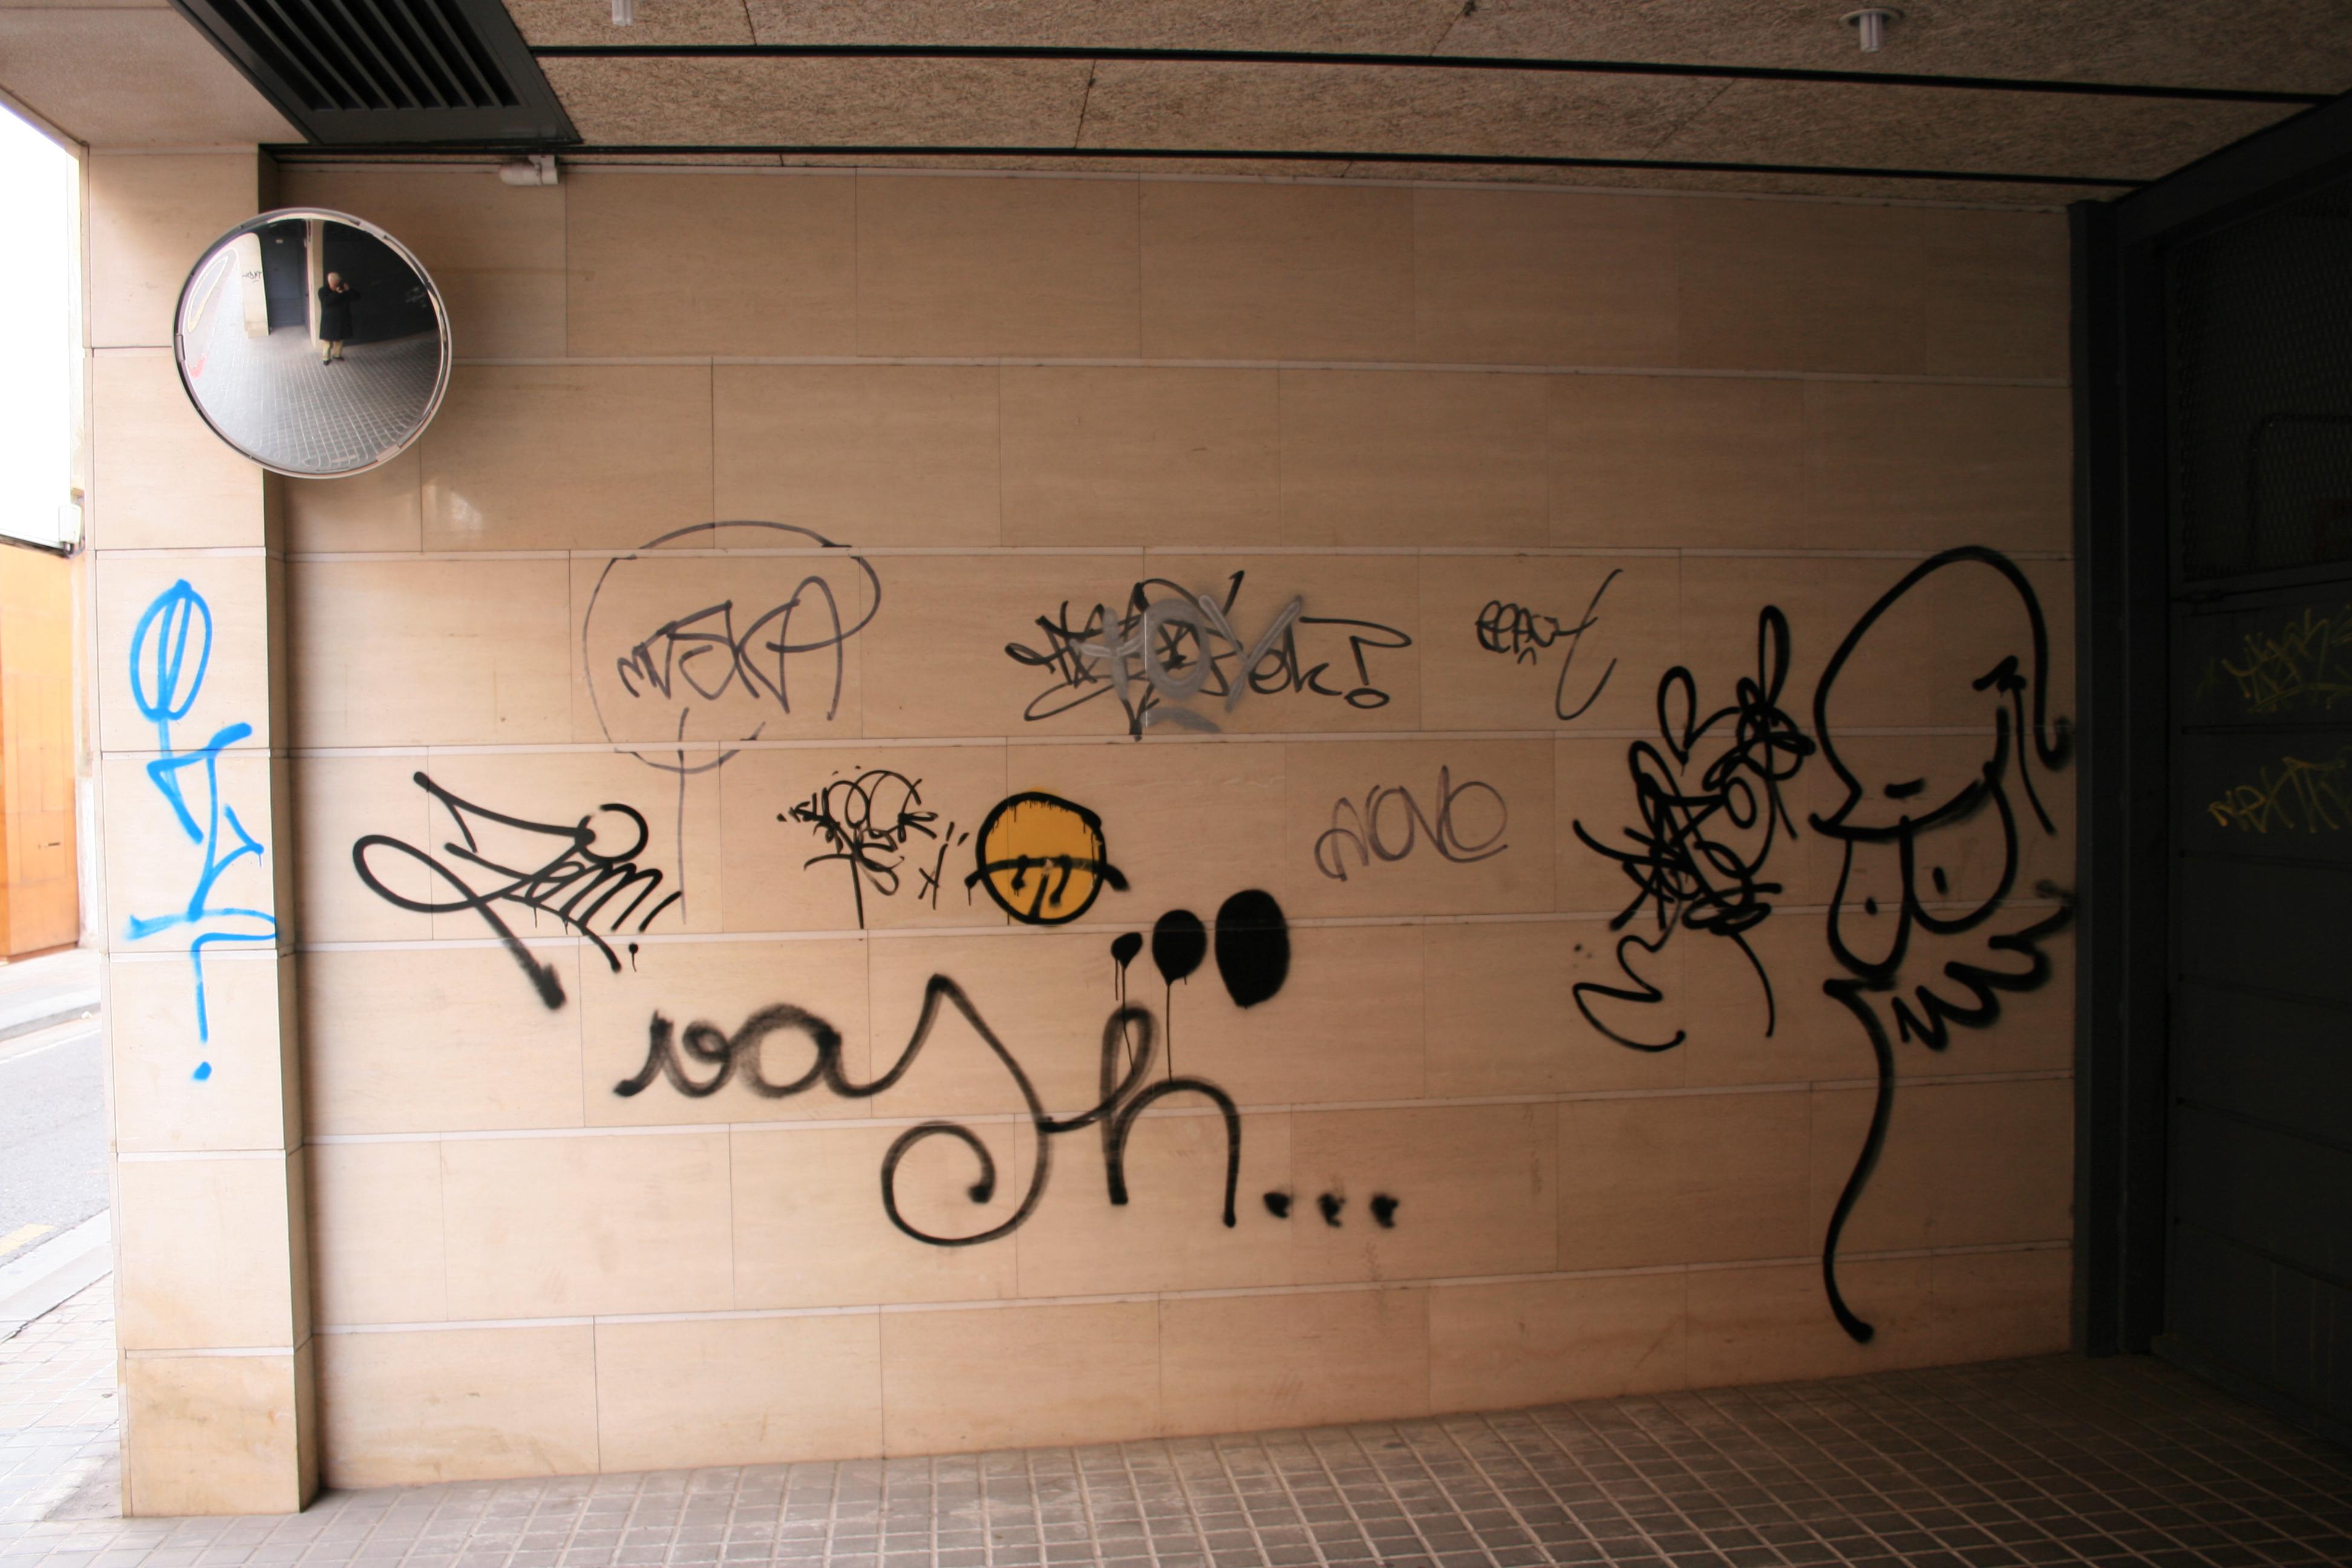 Dassgraff actúa sobre cualquier superficie para eliminar los graffitis